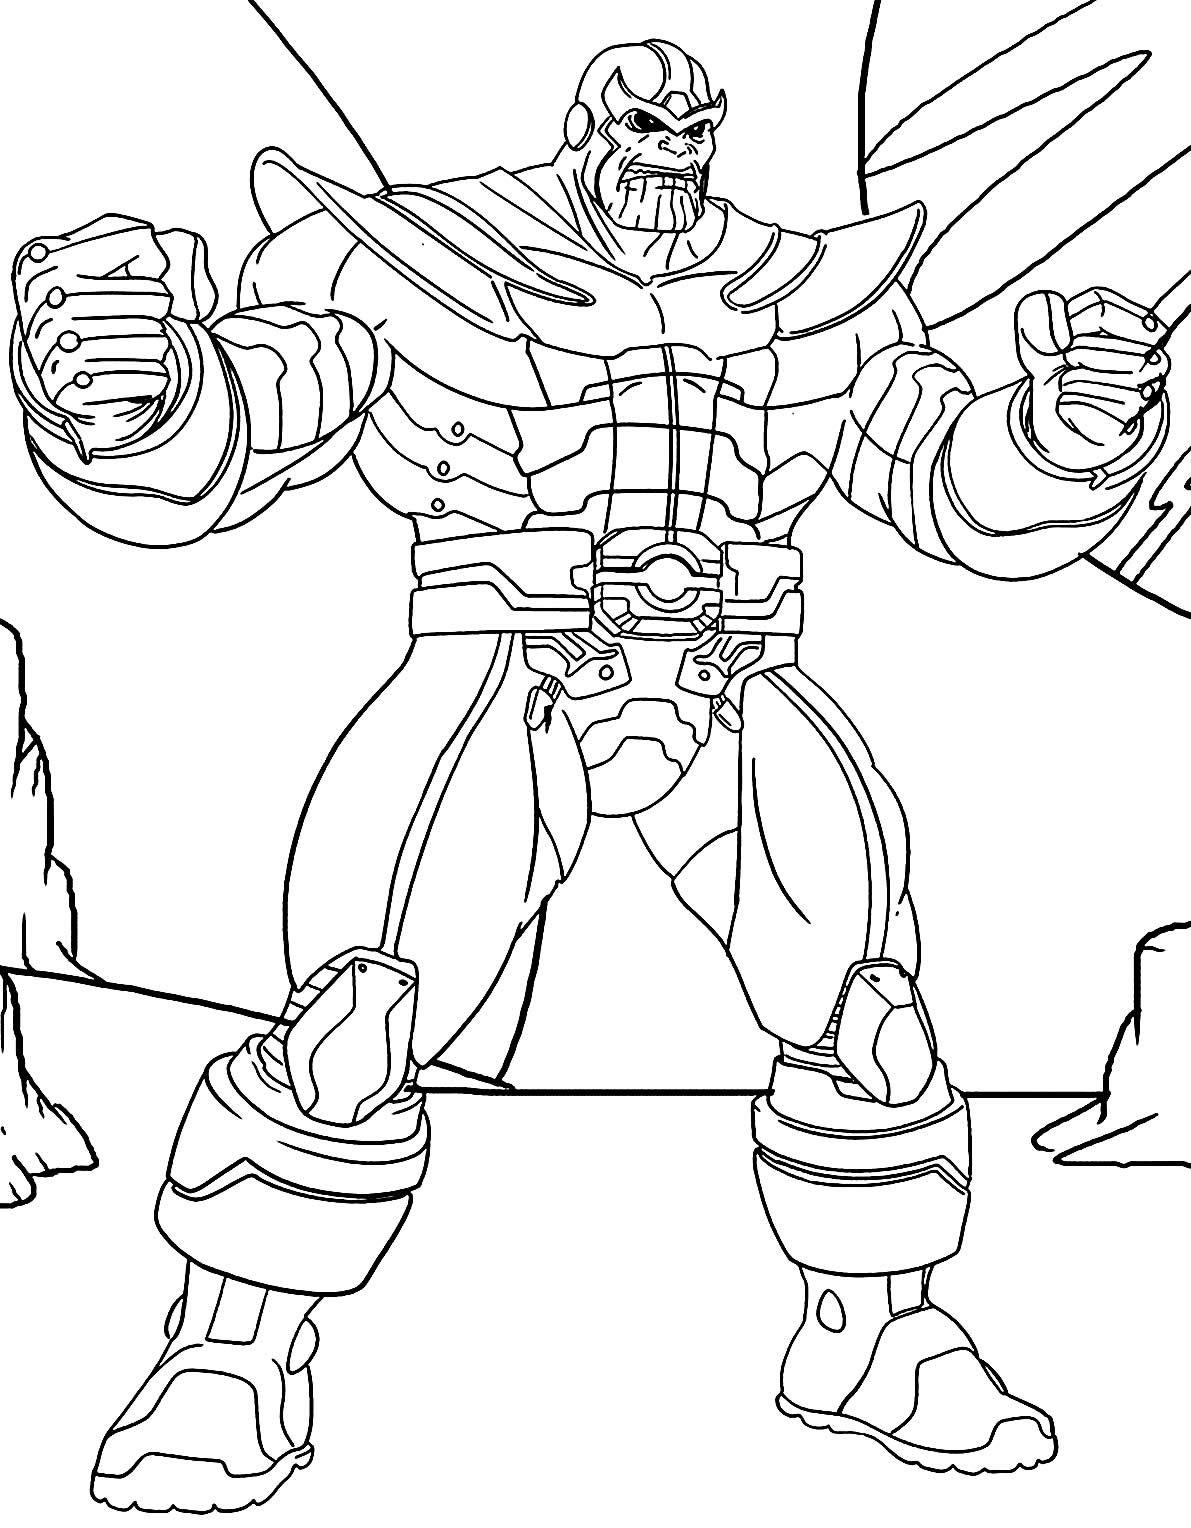 Desenho de Thanos para colorir